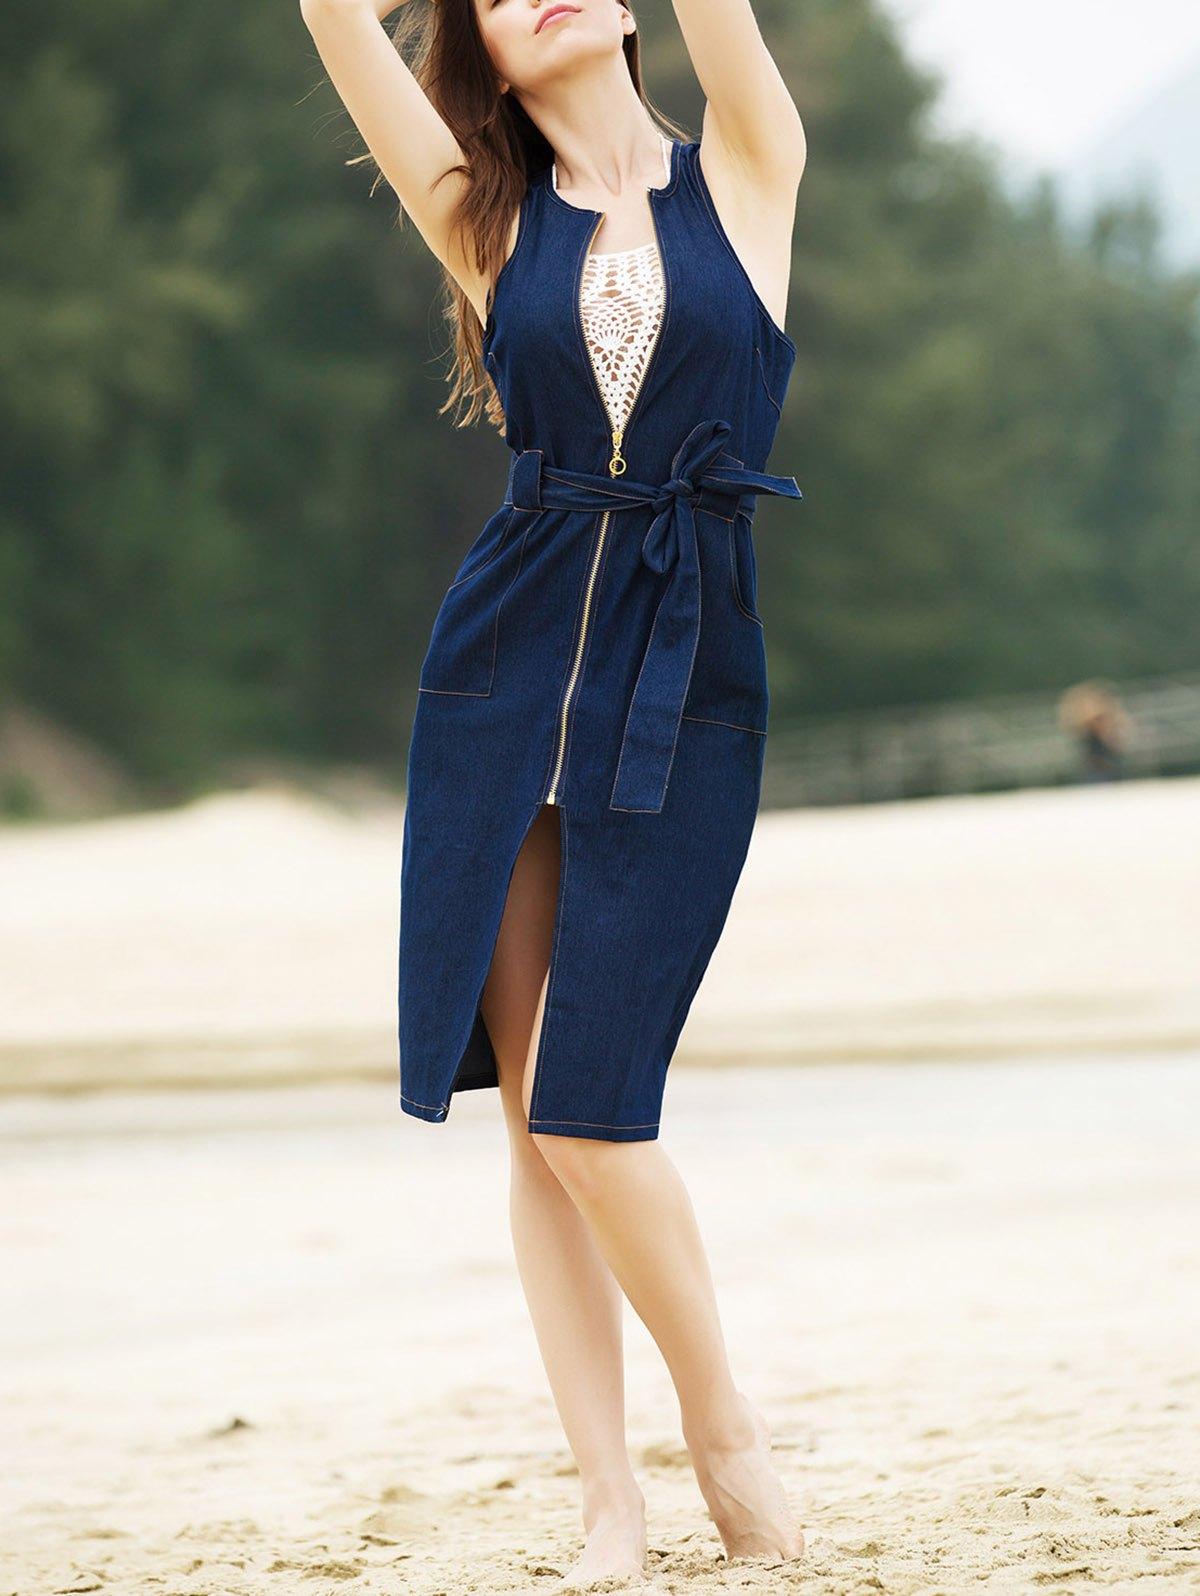 Rochie elegantă, fără mâneci, cu sliț, de lungime medie